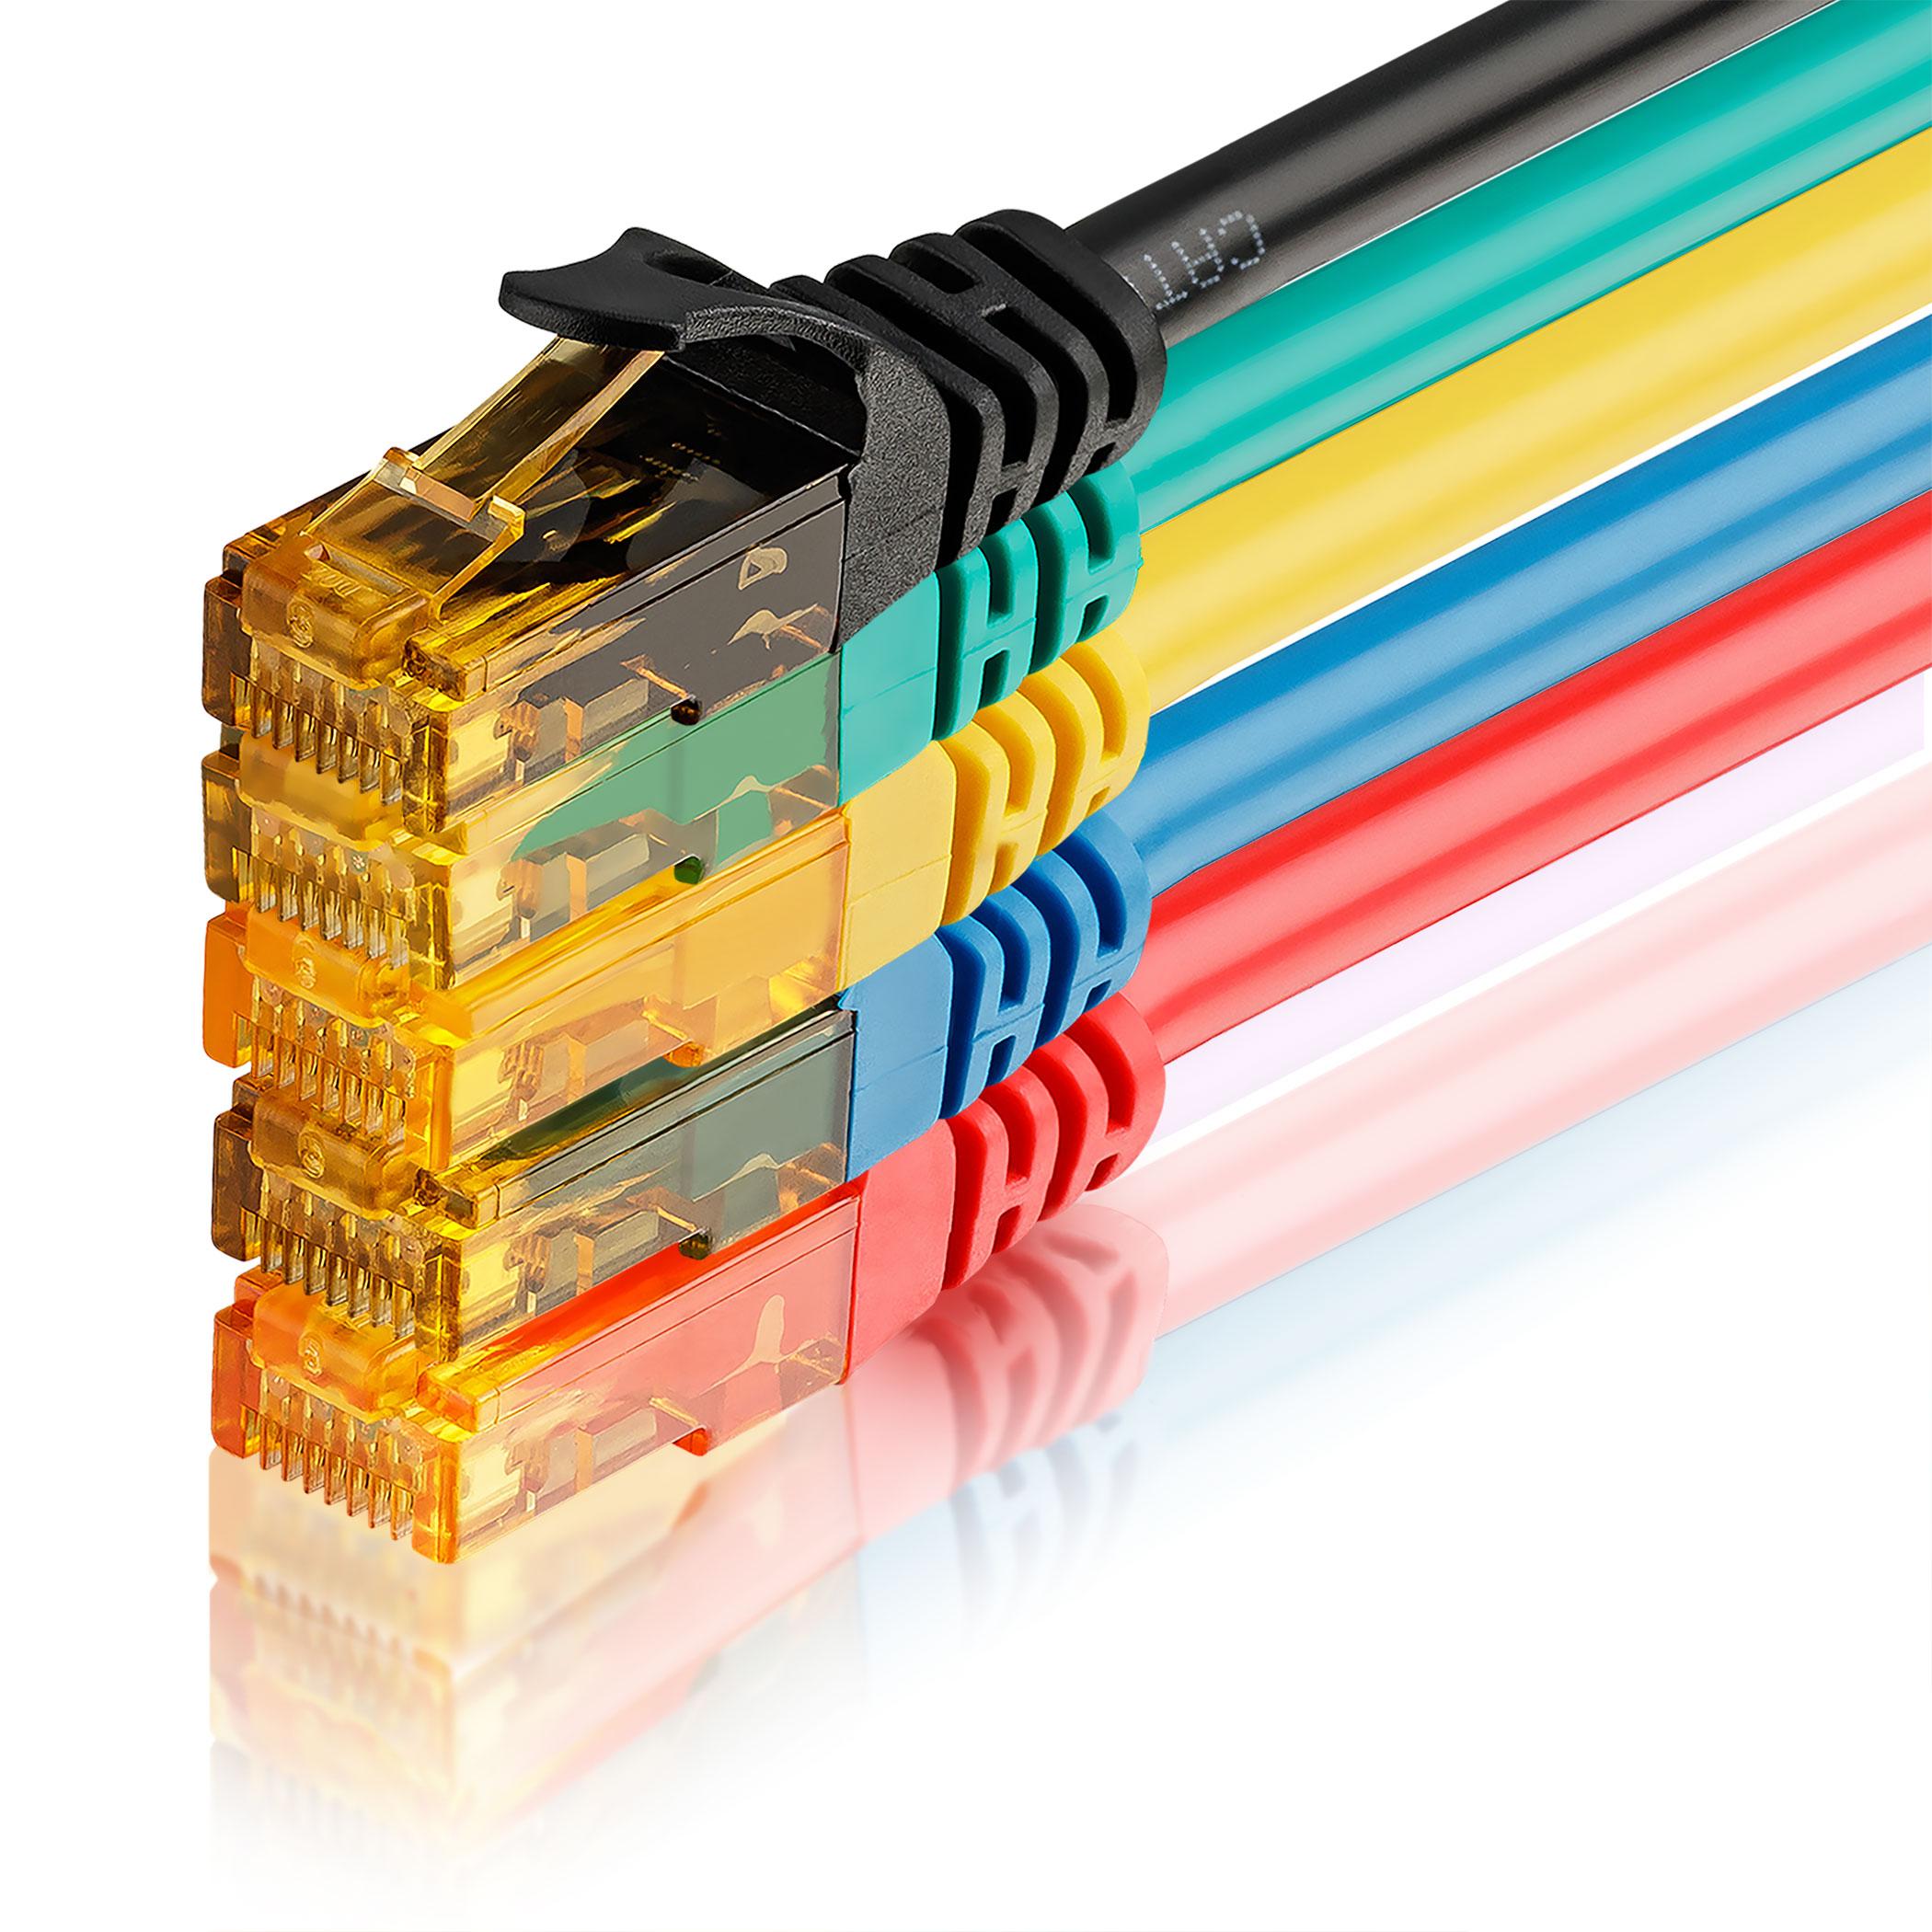 5 Stk. CAT6 Ethernet Kabel 50cm